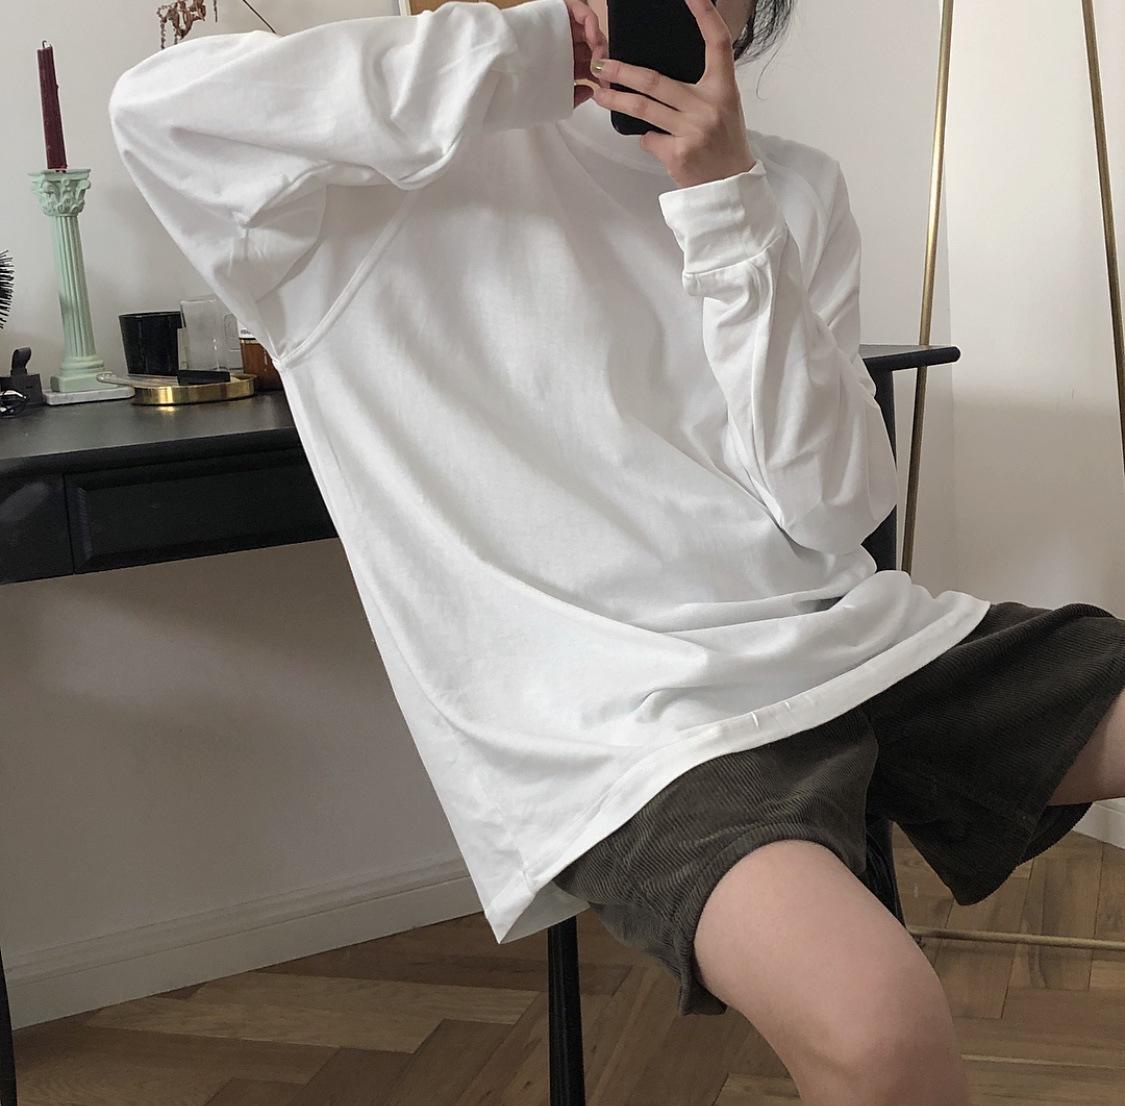 tay dài Mùa xuân 2019 mới Hàn Quốc chic đơn giản cổ tròn chạm đáy áo rộng lỏng lẻo lười áo thun dài